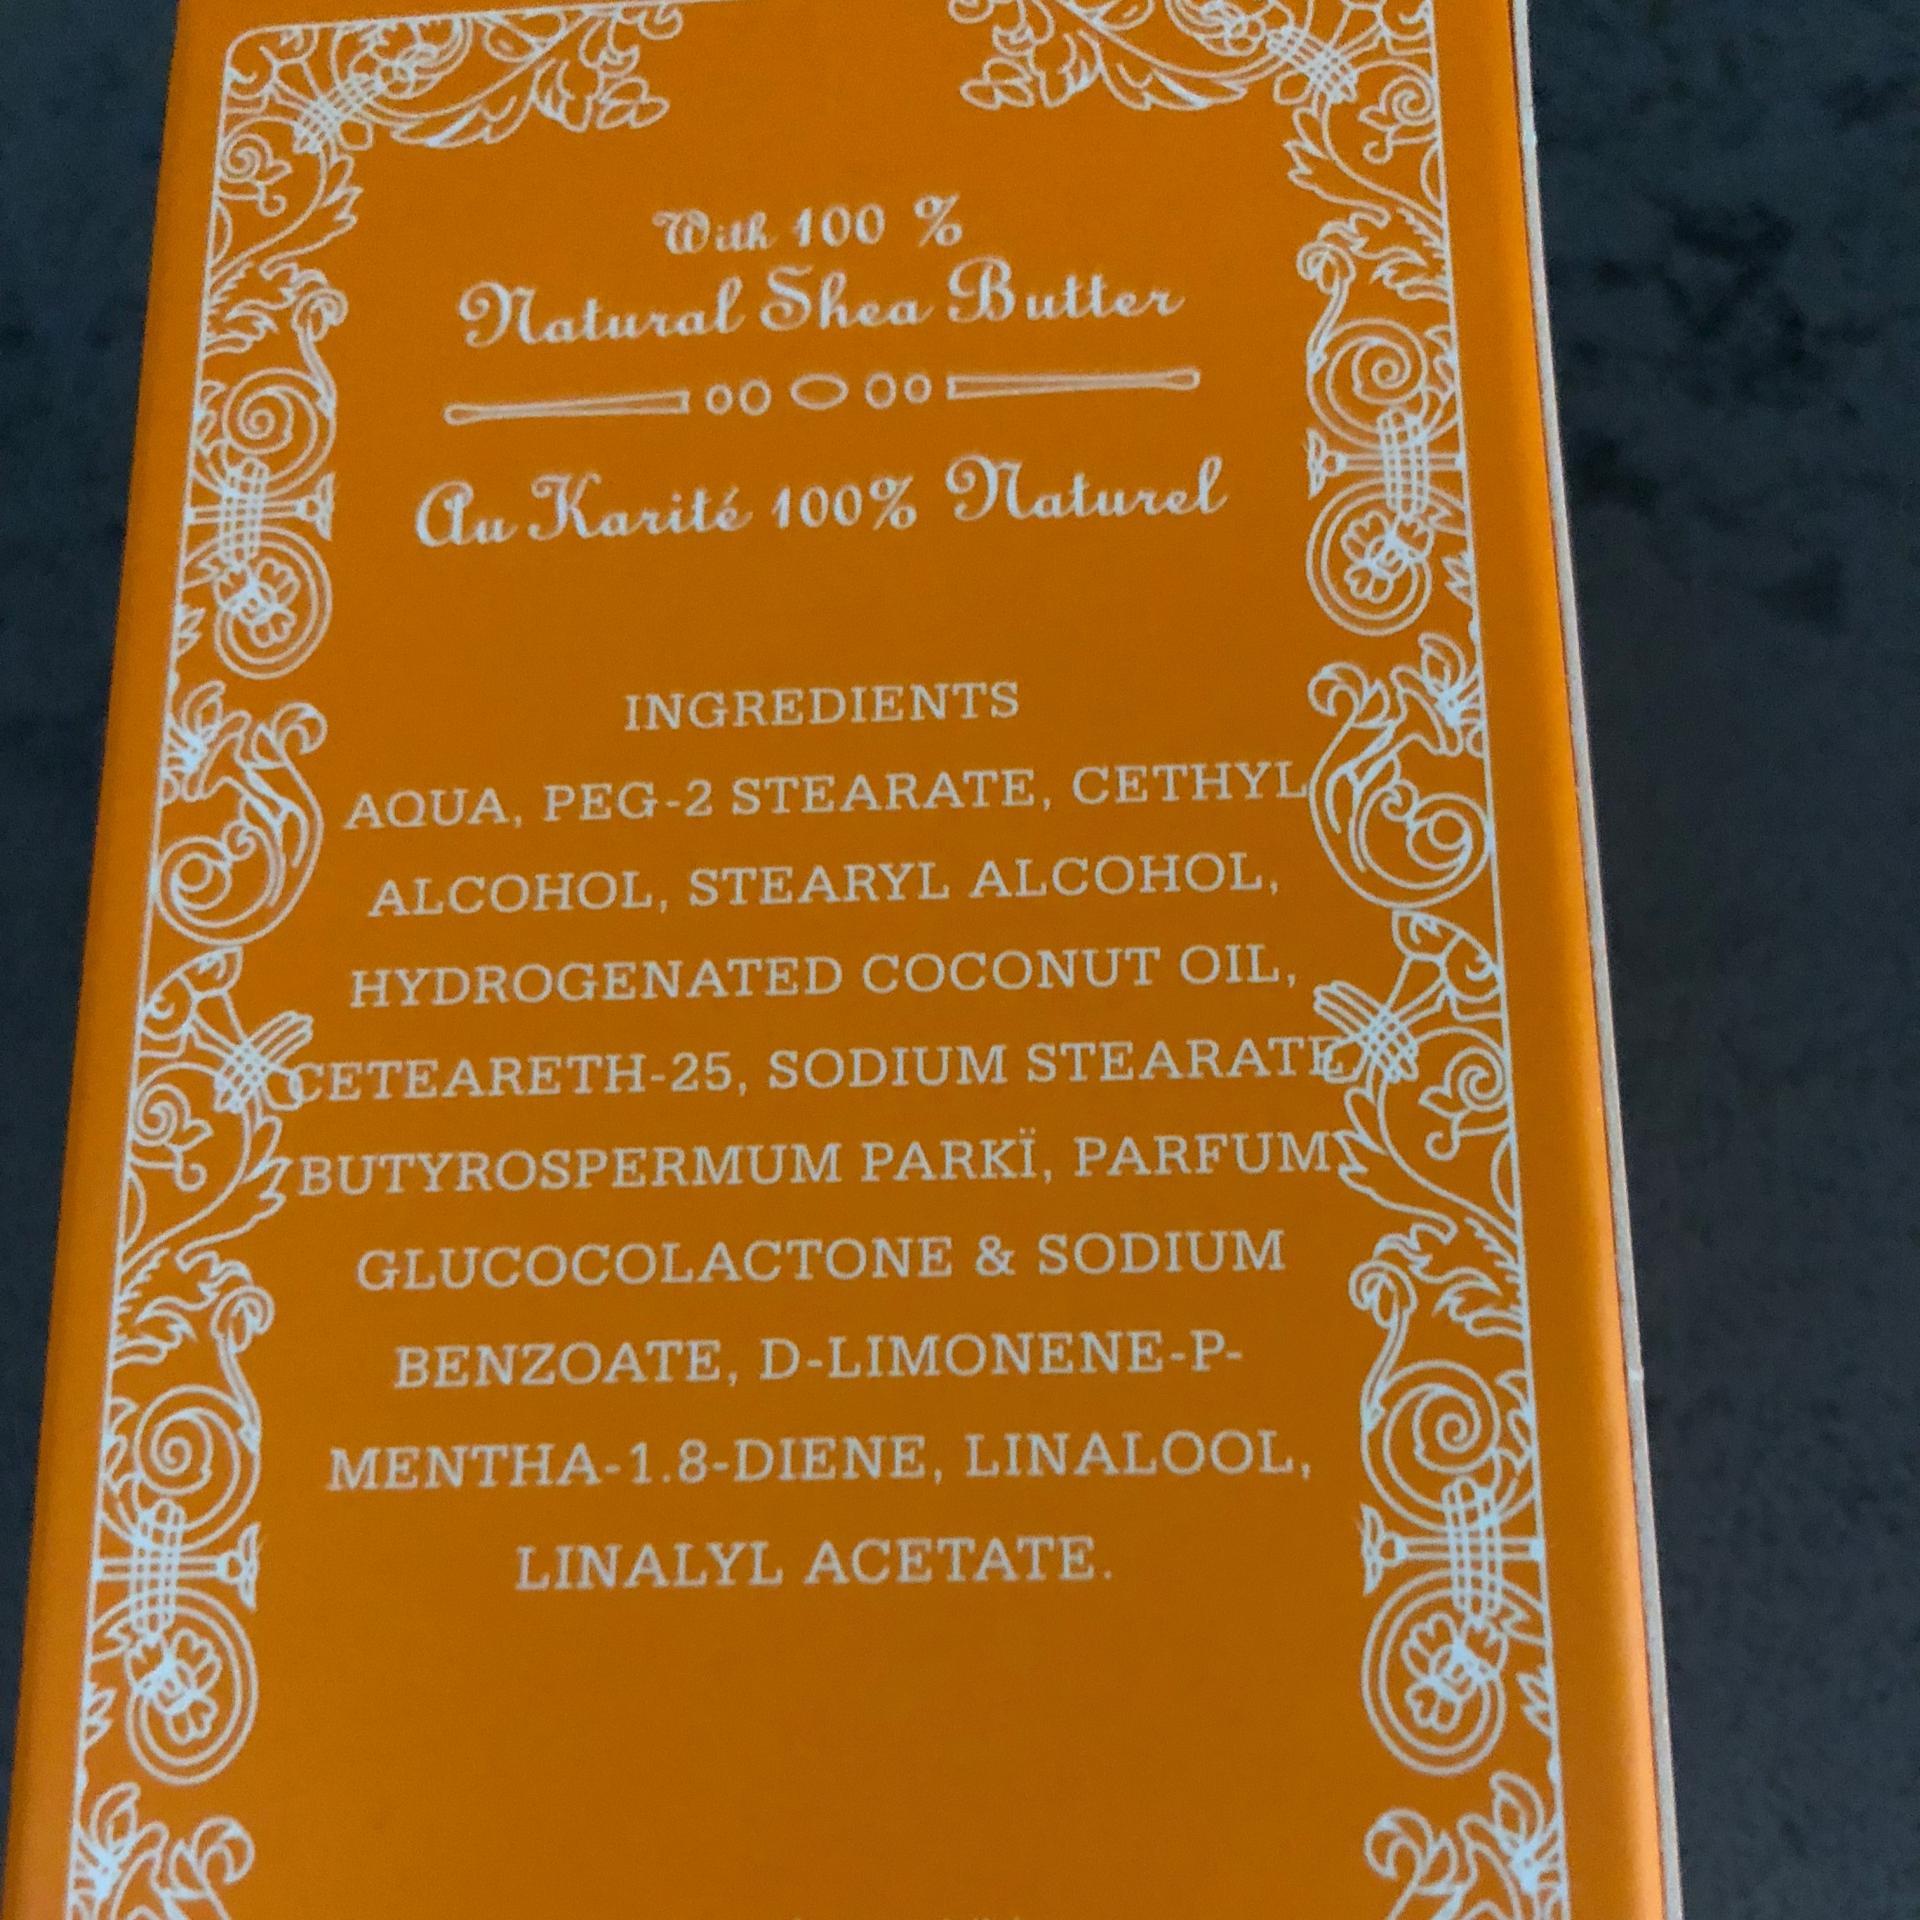 Cre me mains orange pamplemousse composition